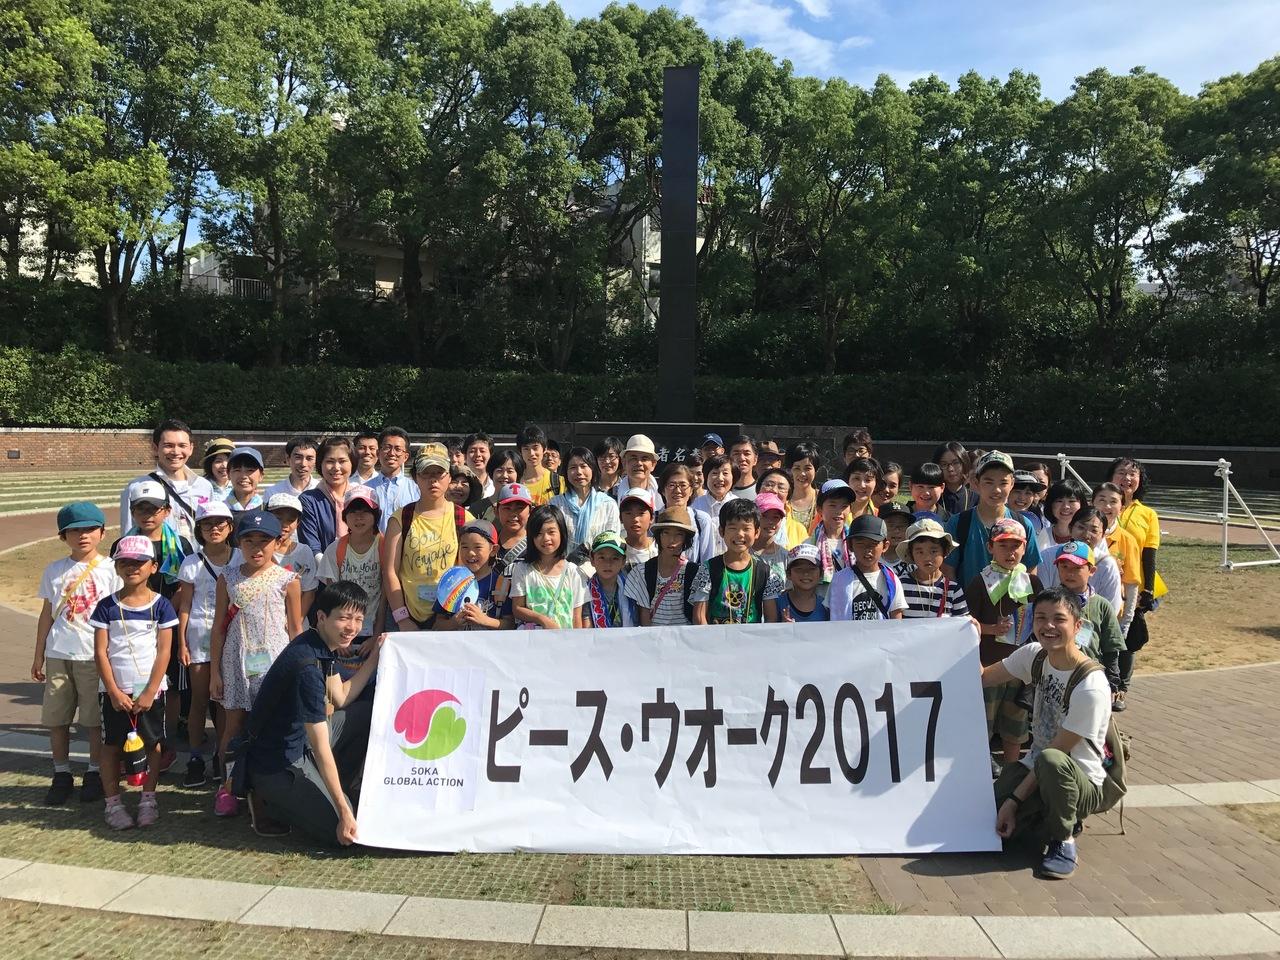 長崎創価学会 ピース・ウオーク2017